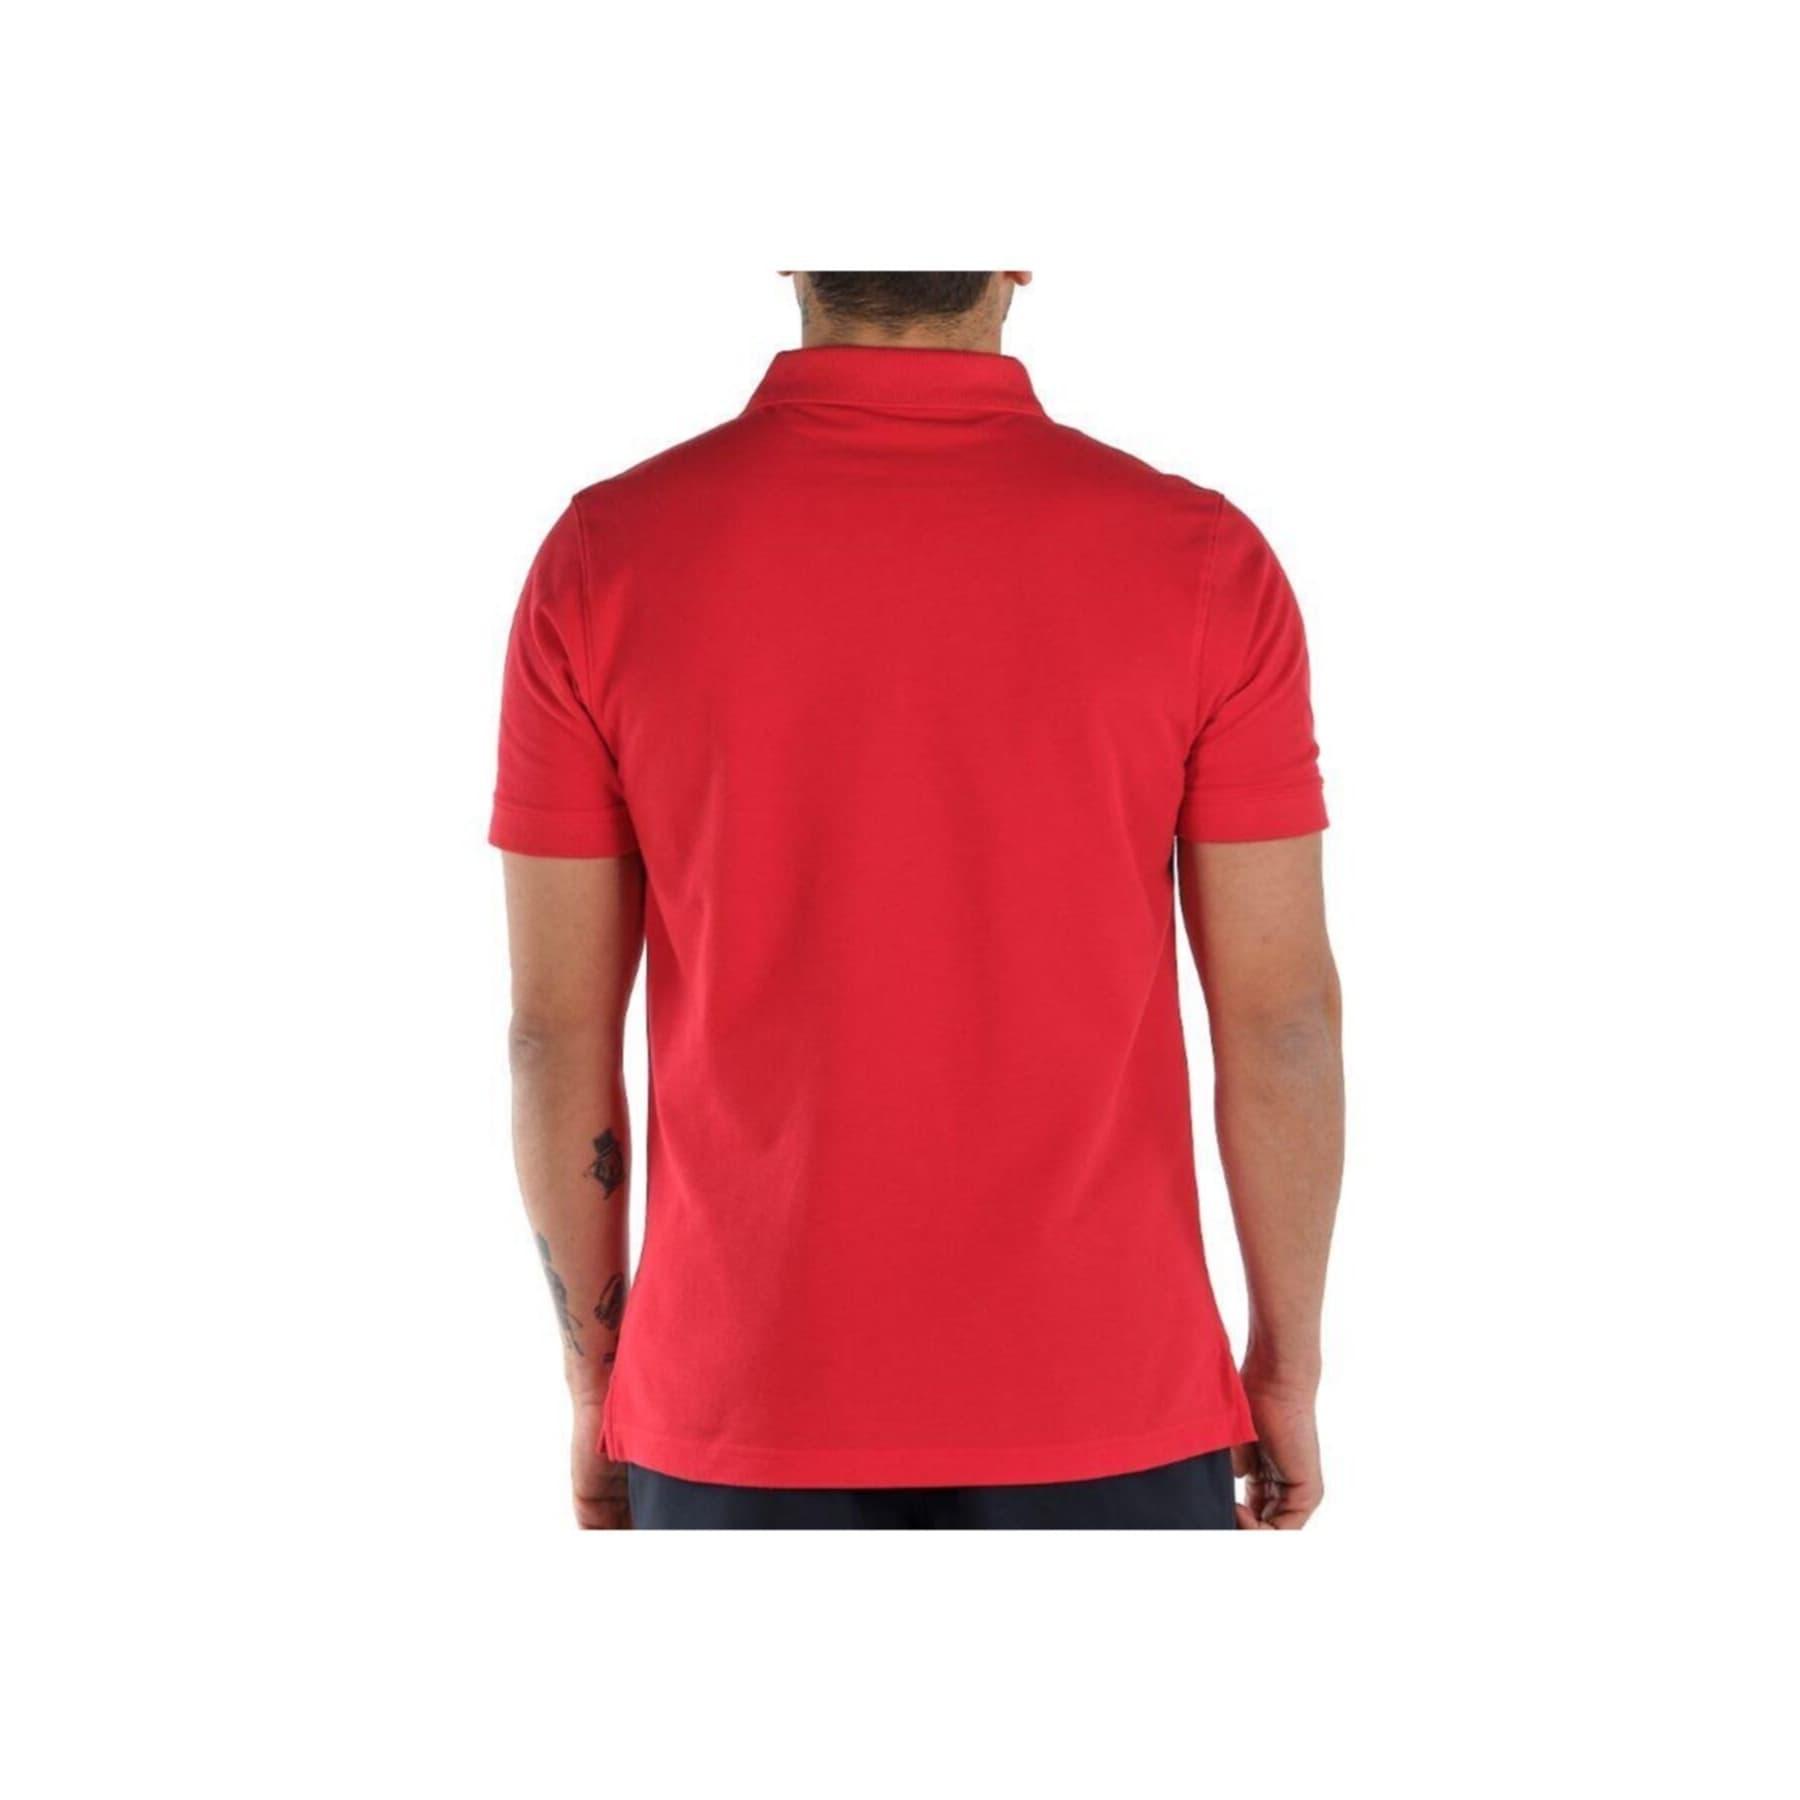 Cascade Range II Erkek Kırmızı Tişört (CS0214-646)